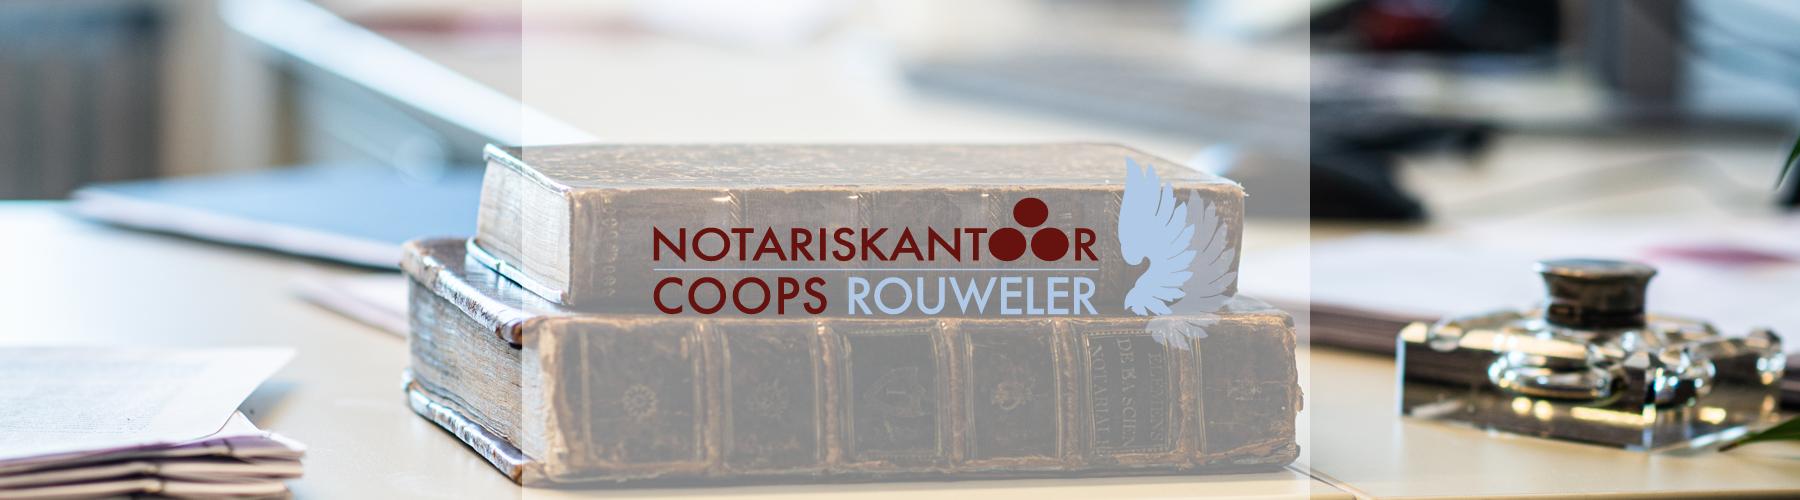 Zoekt u een notaris in Zutphen. Bij notariskantoor Coops Rouweler kunt u terecht voor familierecht, onroerend goed, rechtspersonen. is